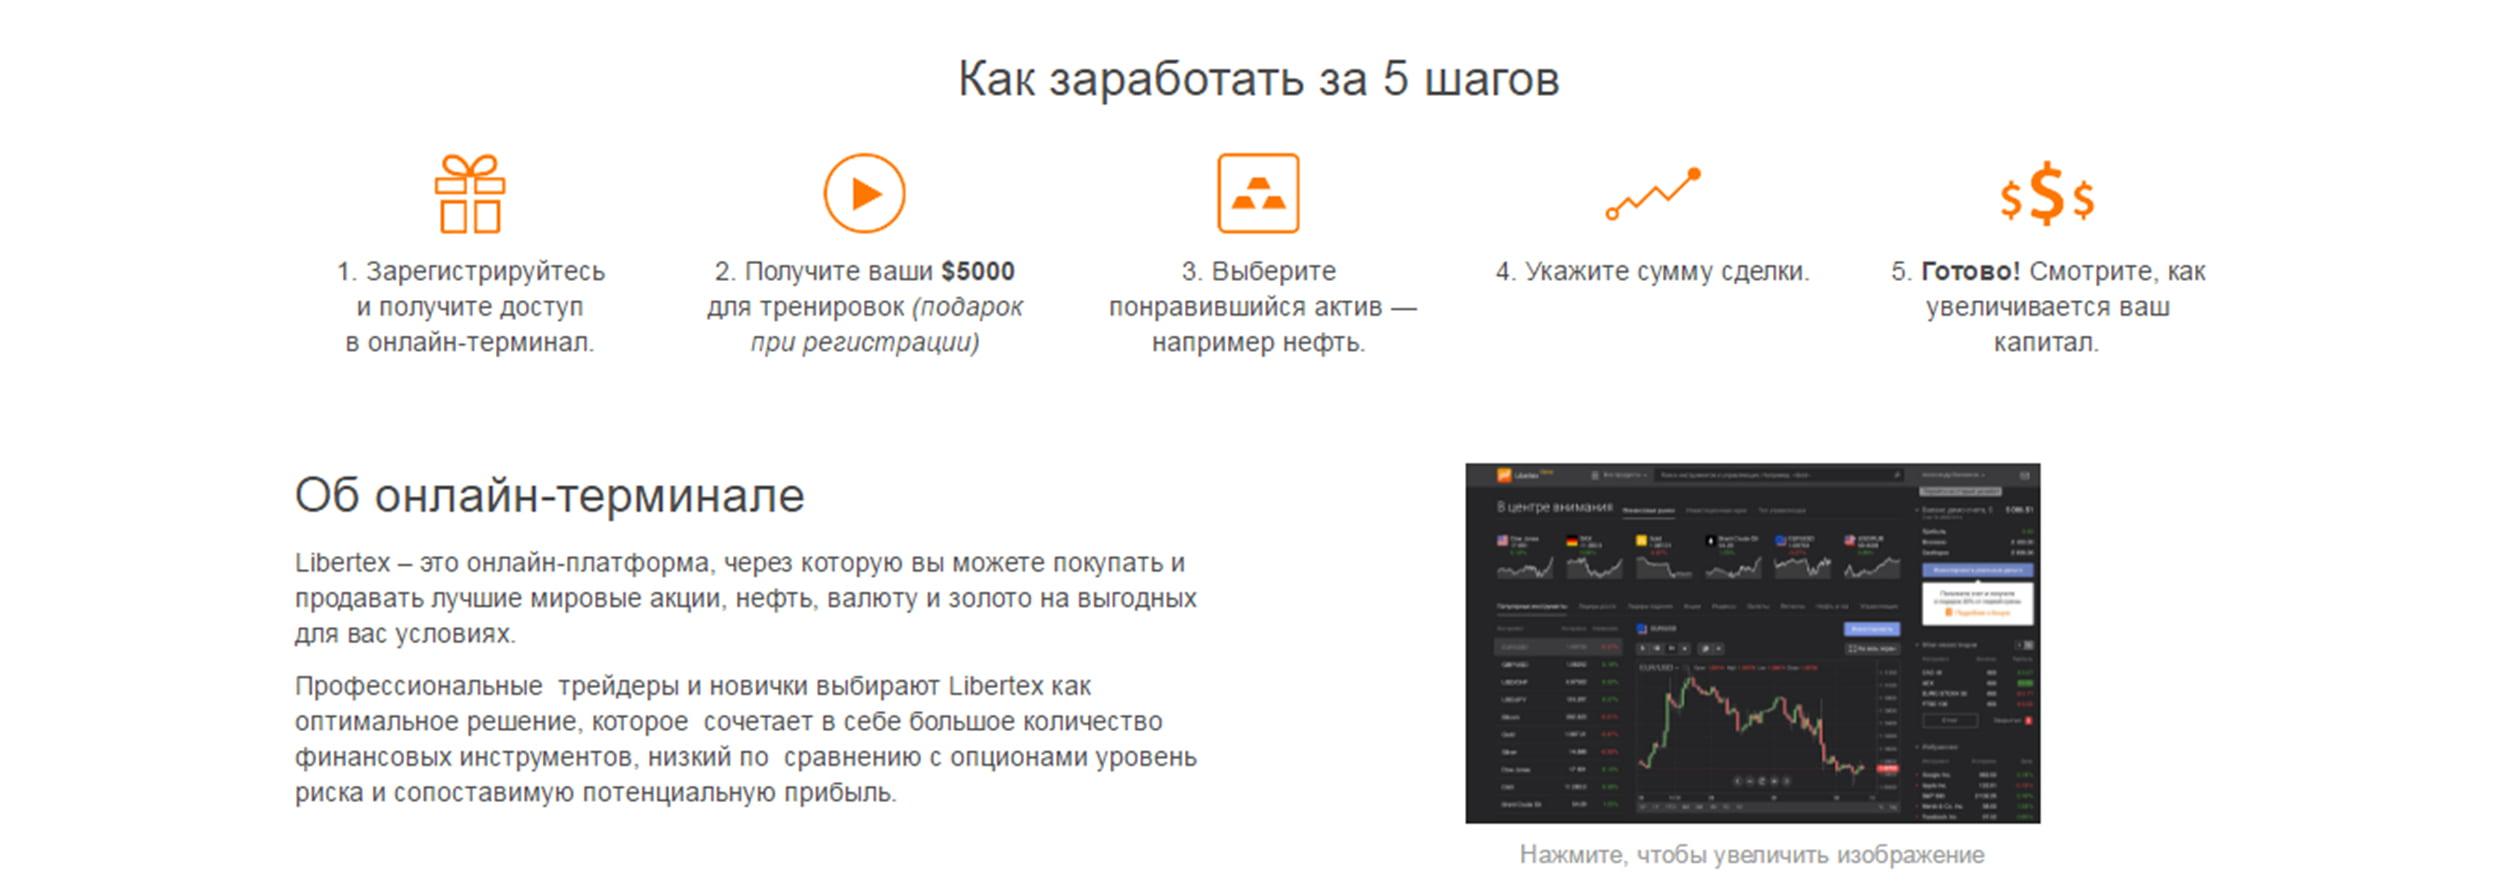 Схема работы Libertex. Подробности на сайте